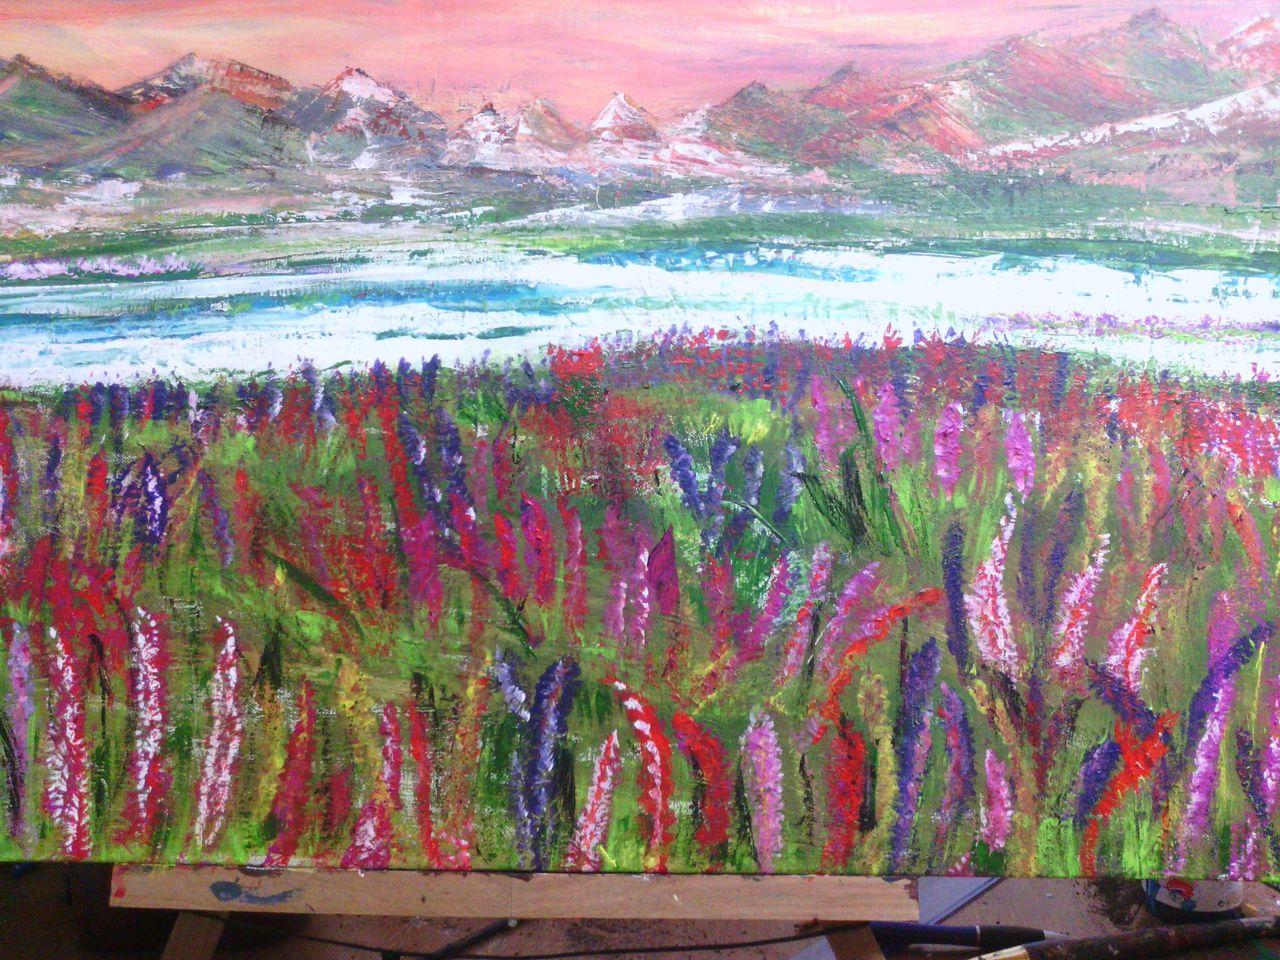 Bild blumen berge see malerei von mariontde bei kunstnet for Vorlagen malerei